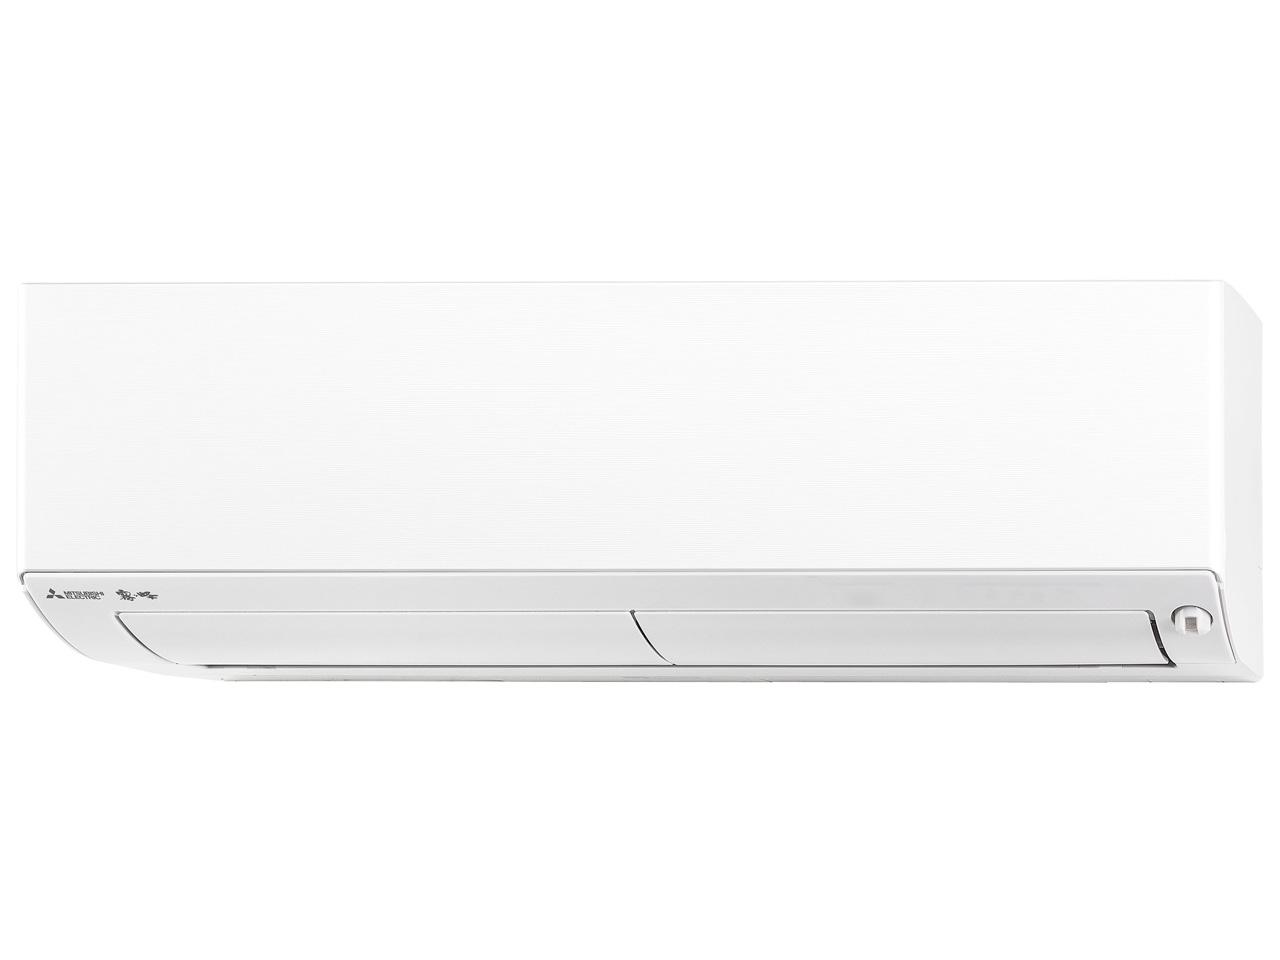 三菱 19年モデル 三菱 MSZ-XD2219-W【ズバ暖霧ヶ峰 19年モデル】搭載冷暖房6畳用エアコン, and CUBE SUGAR:050b21f5 --- sunward.msk.ru